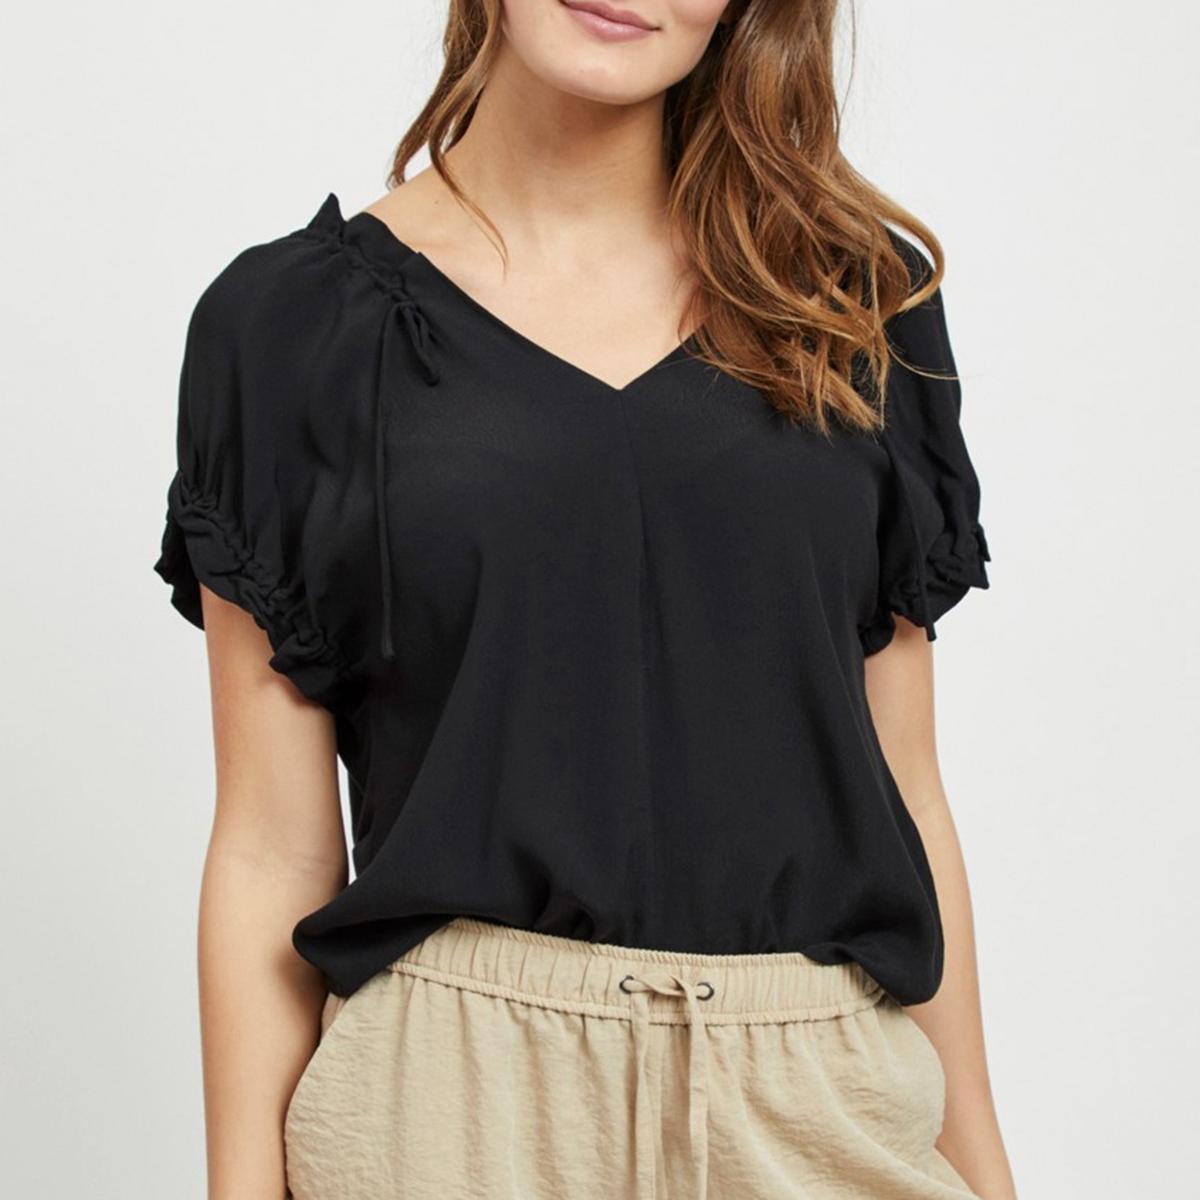 цена на Блузка La Redoute С V-образным вырезом и короткими рукавами с воланами Viflonas XS черный